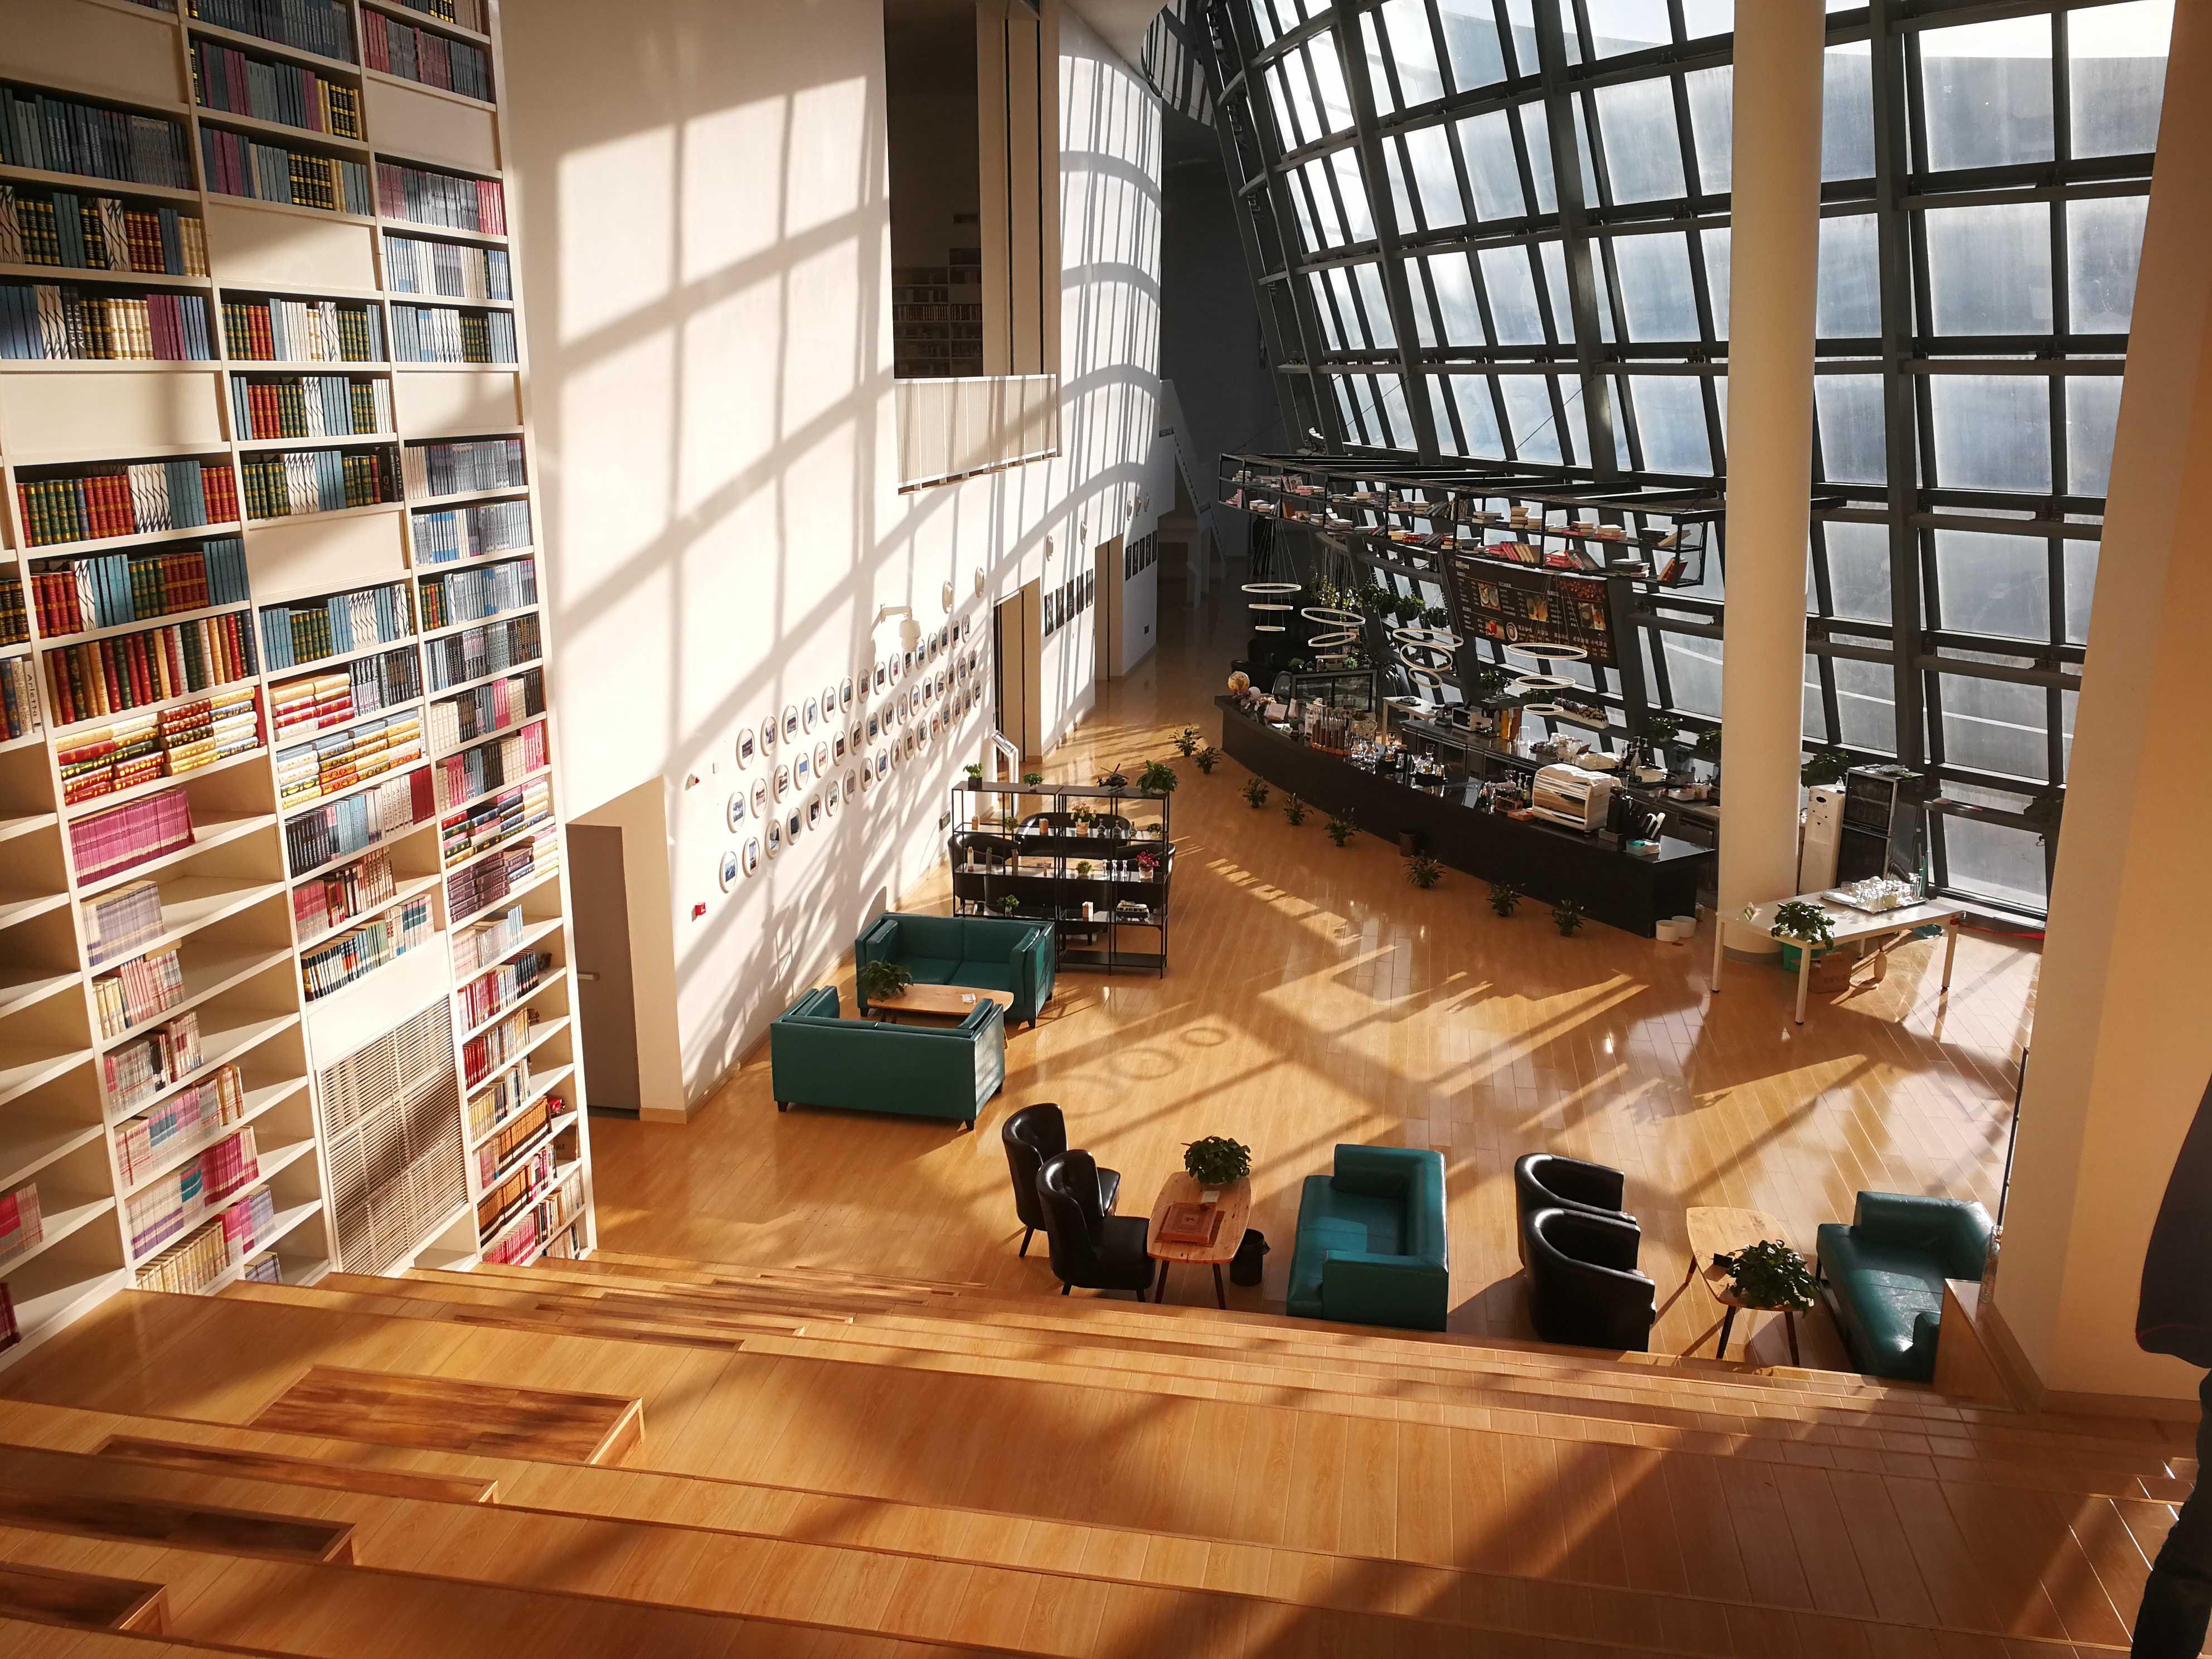 QC1811065西安图书馆内张羽休闲娱乐.jpg